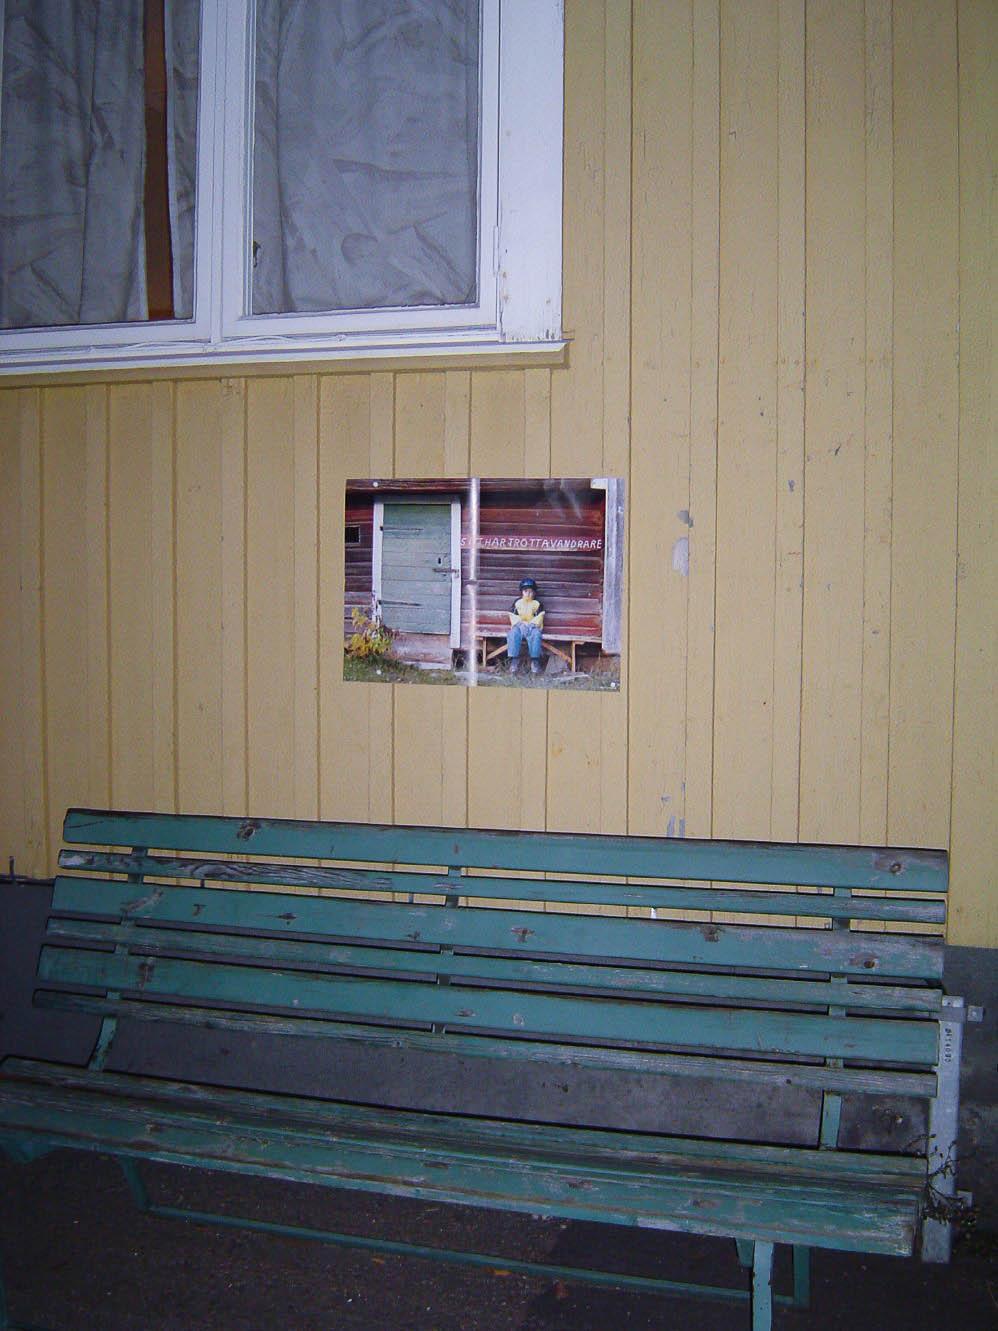 Nordic Walking, 2003, Learning by Doing, Verkligheten, Umeå (S)